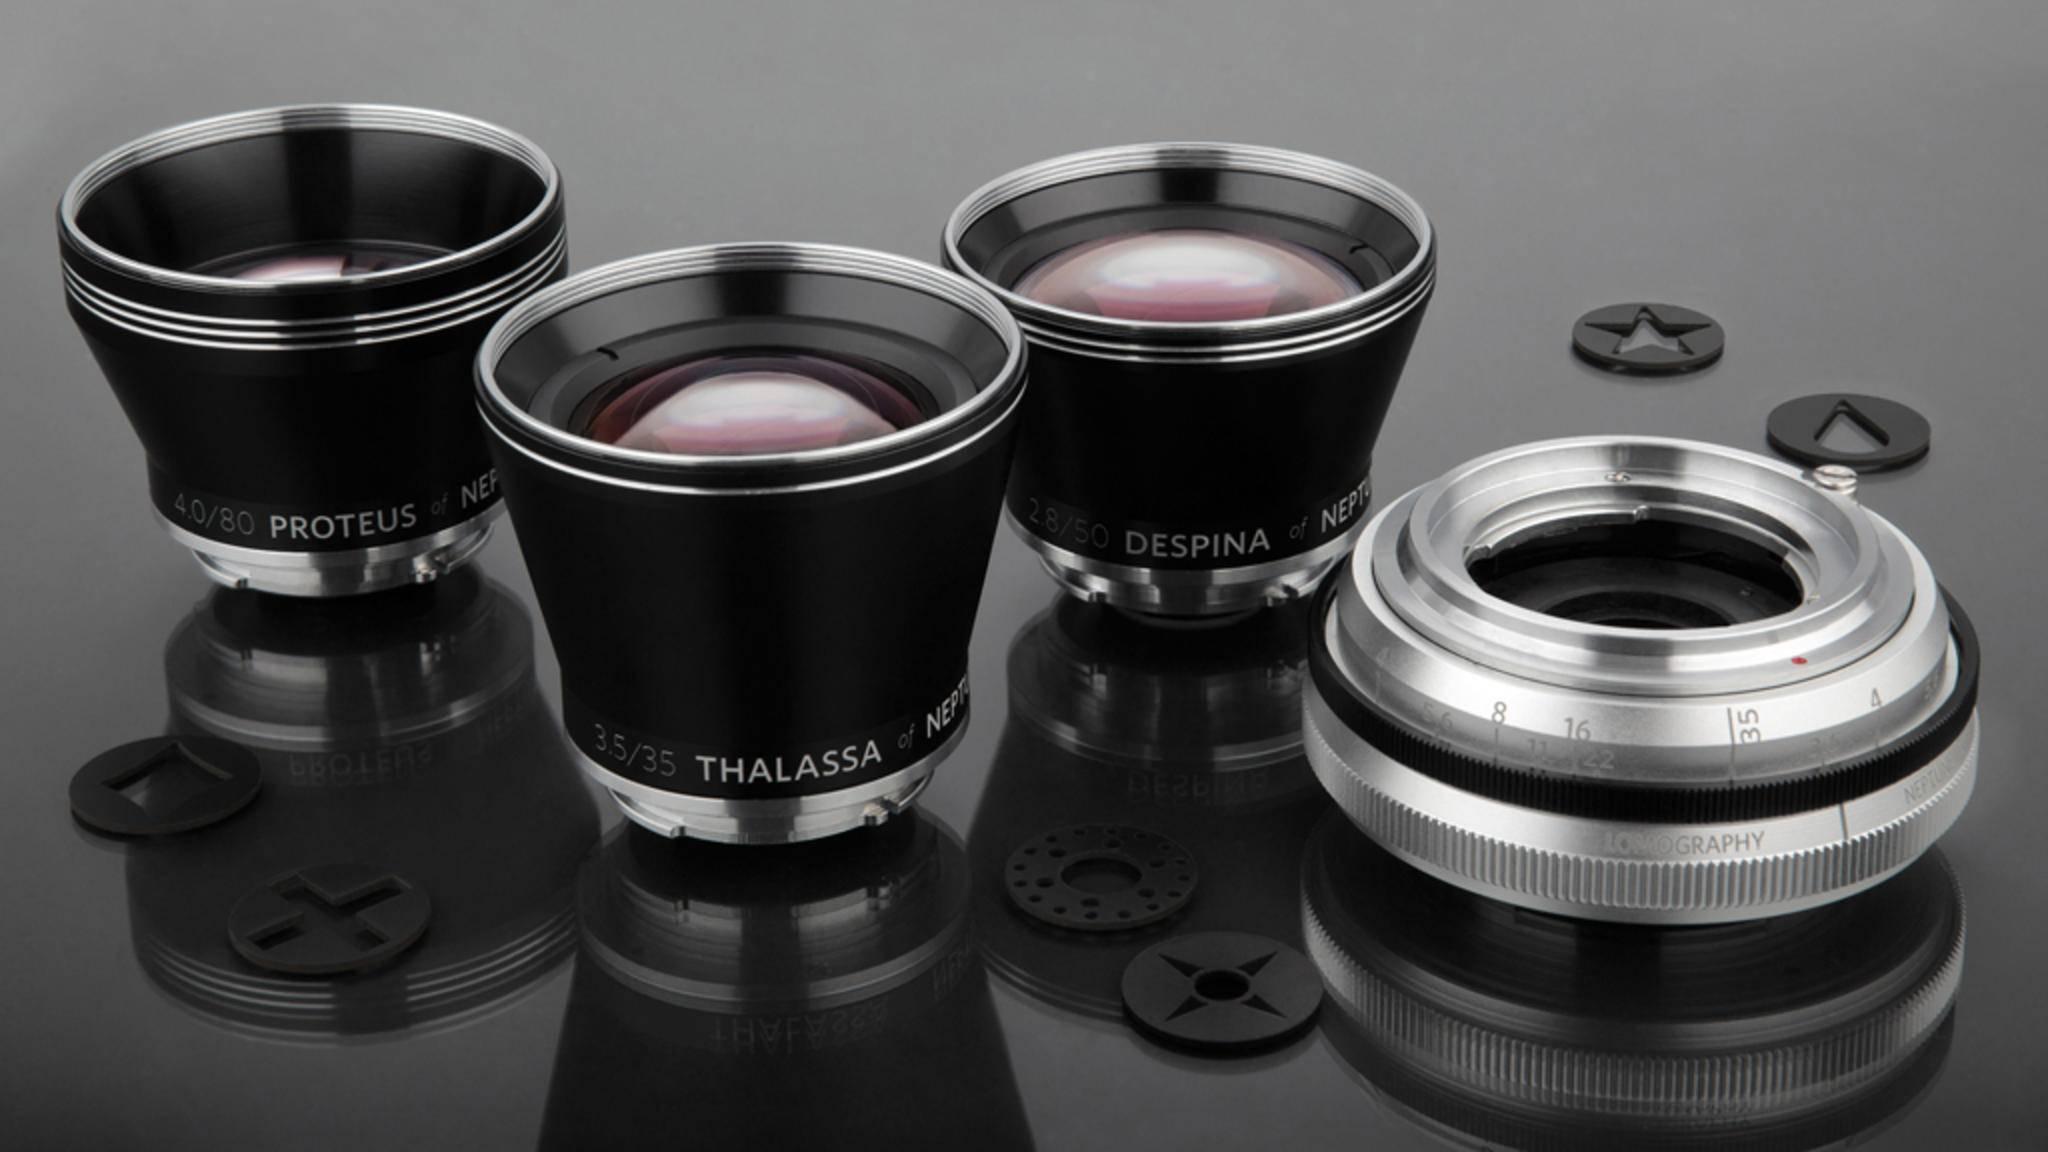 Schnell austauschbar, hochwertig und an jede Kamera adaptierbar – so bewirbt Lomography sein neues Linsen-System auf Kickstarter.